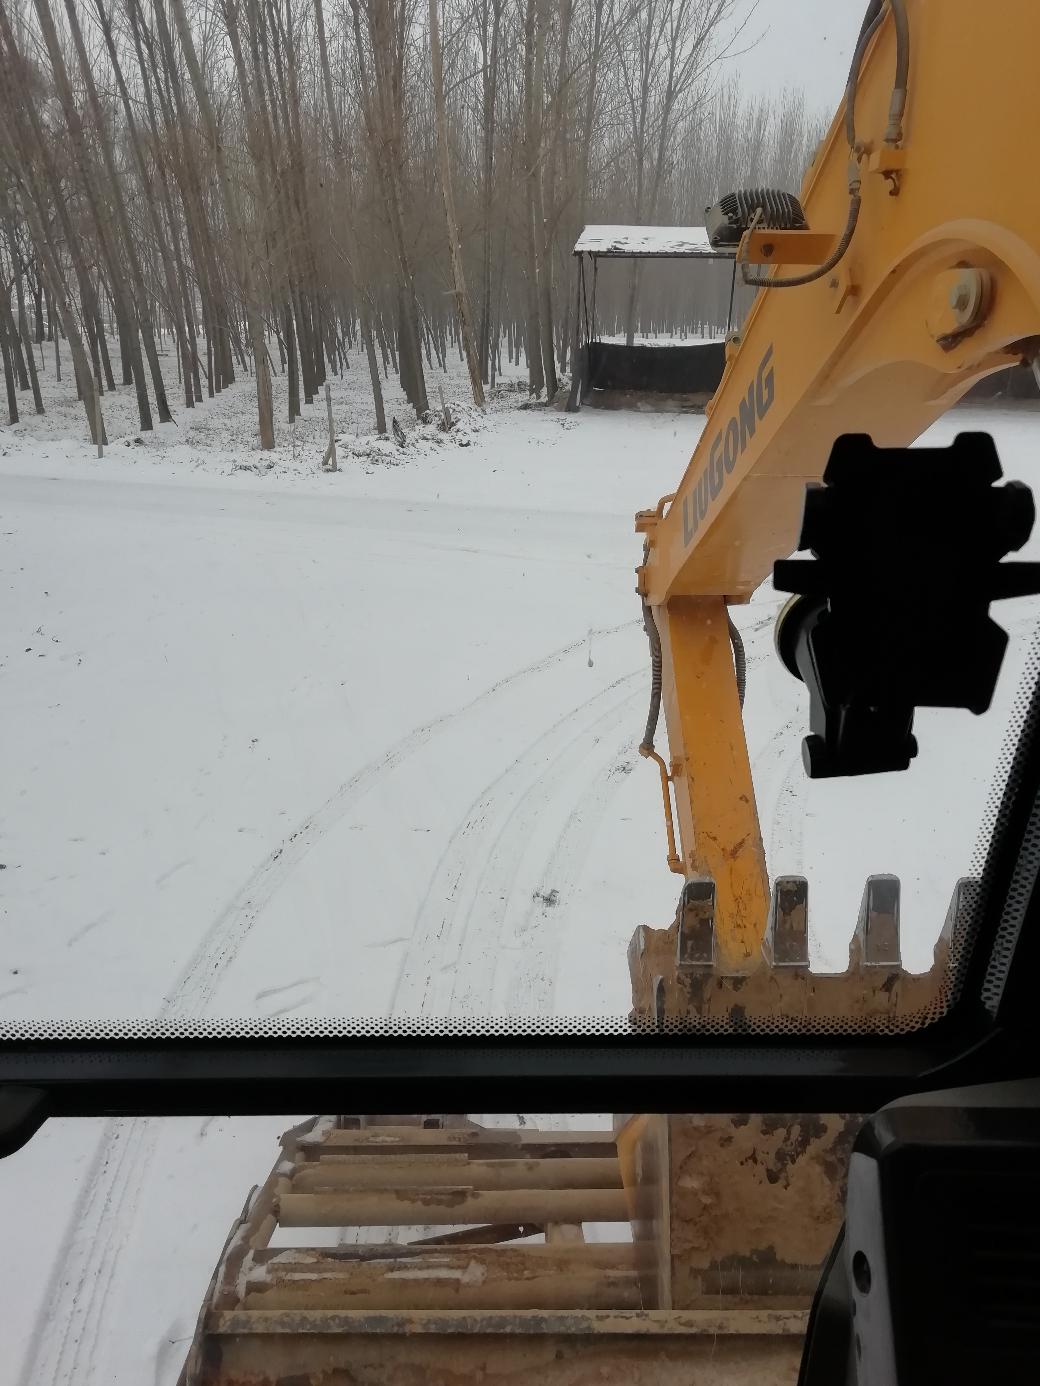 【我的铁甲日记第211天】雪景不错